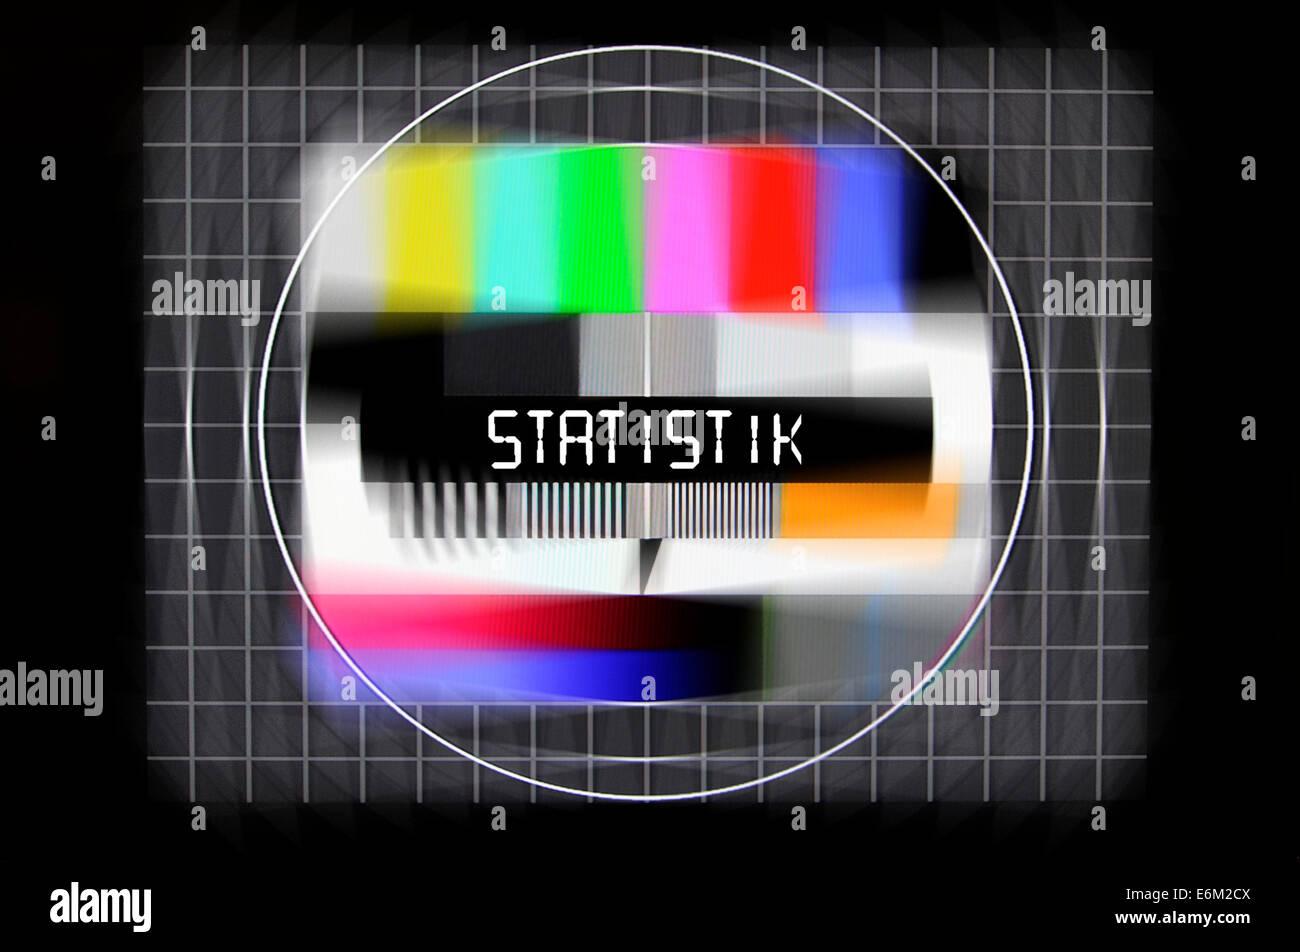 Fernseh-Testbild mit dem Schriftzug Statistik, Symbolfoto gefälschte Bestenlisten Imagens de Stock